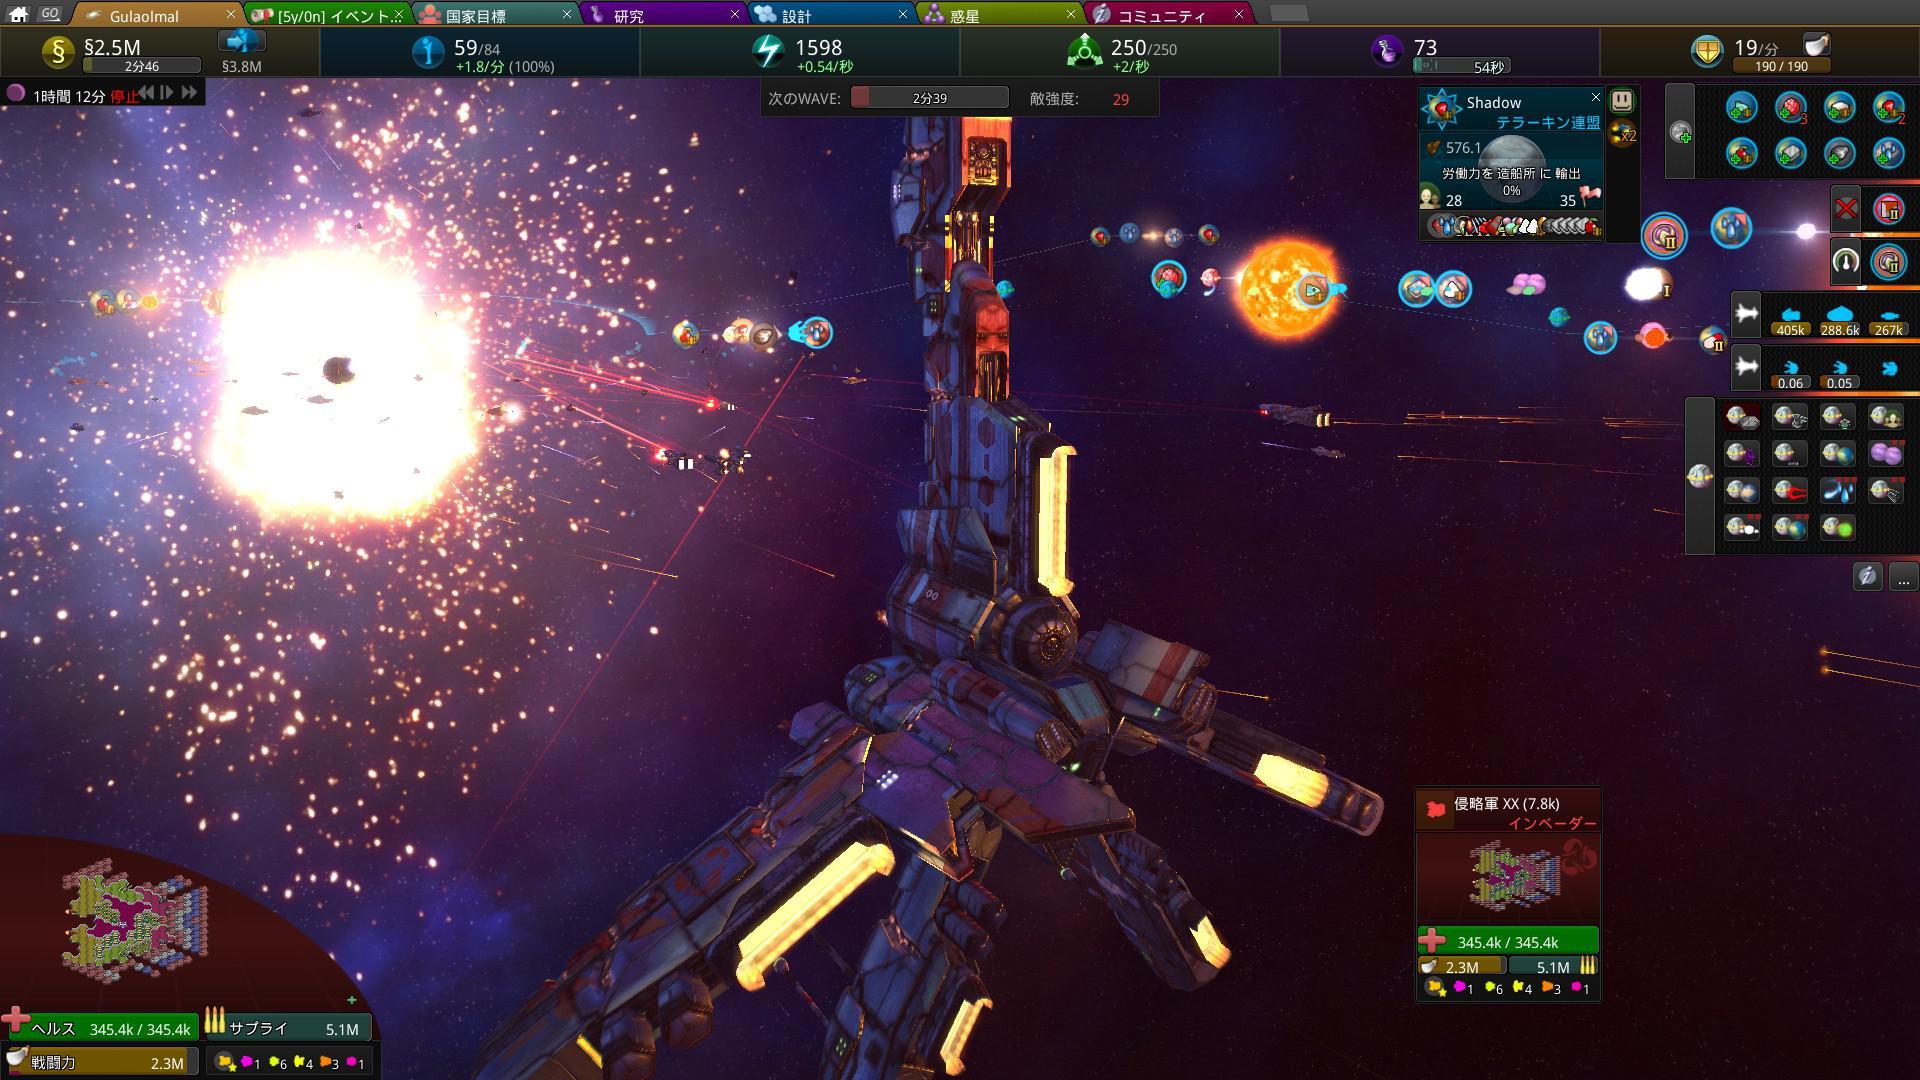 新モード「Invation」は、小さな銀河を開拓しながら、3分ごとに出現する侵略軍を撃退しつづける防衛ゲーム。時間経過で強くなる侵略軍に負けぬよう、手際よく富国強兵にはげもう。通常ゲームでめったに見ることのない(惑星よりも大きな)巨大船が、1時間強で登場する。